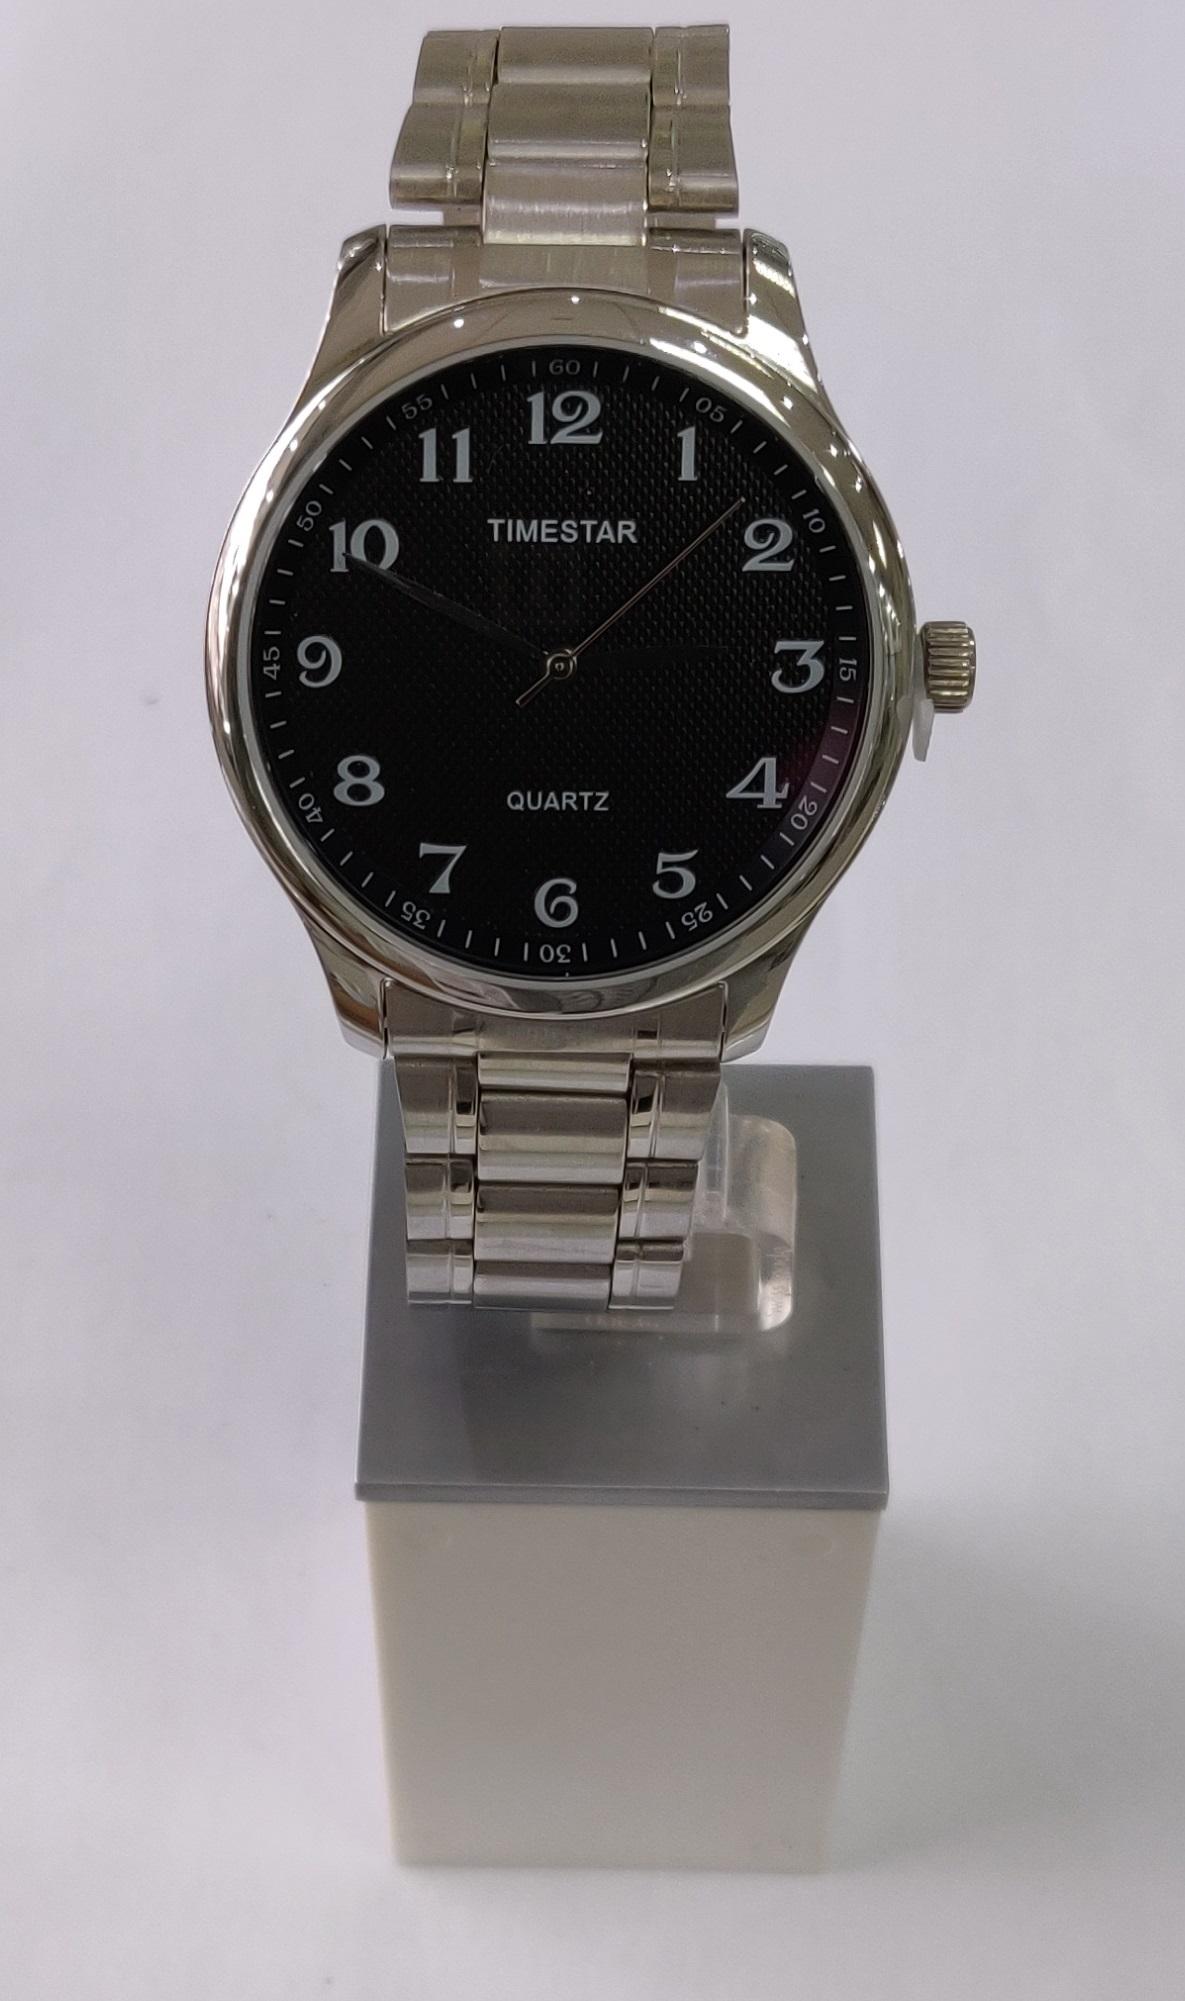 Timestar 3807M-3 Férfi karóra – Karóra Shop 2141976a92